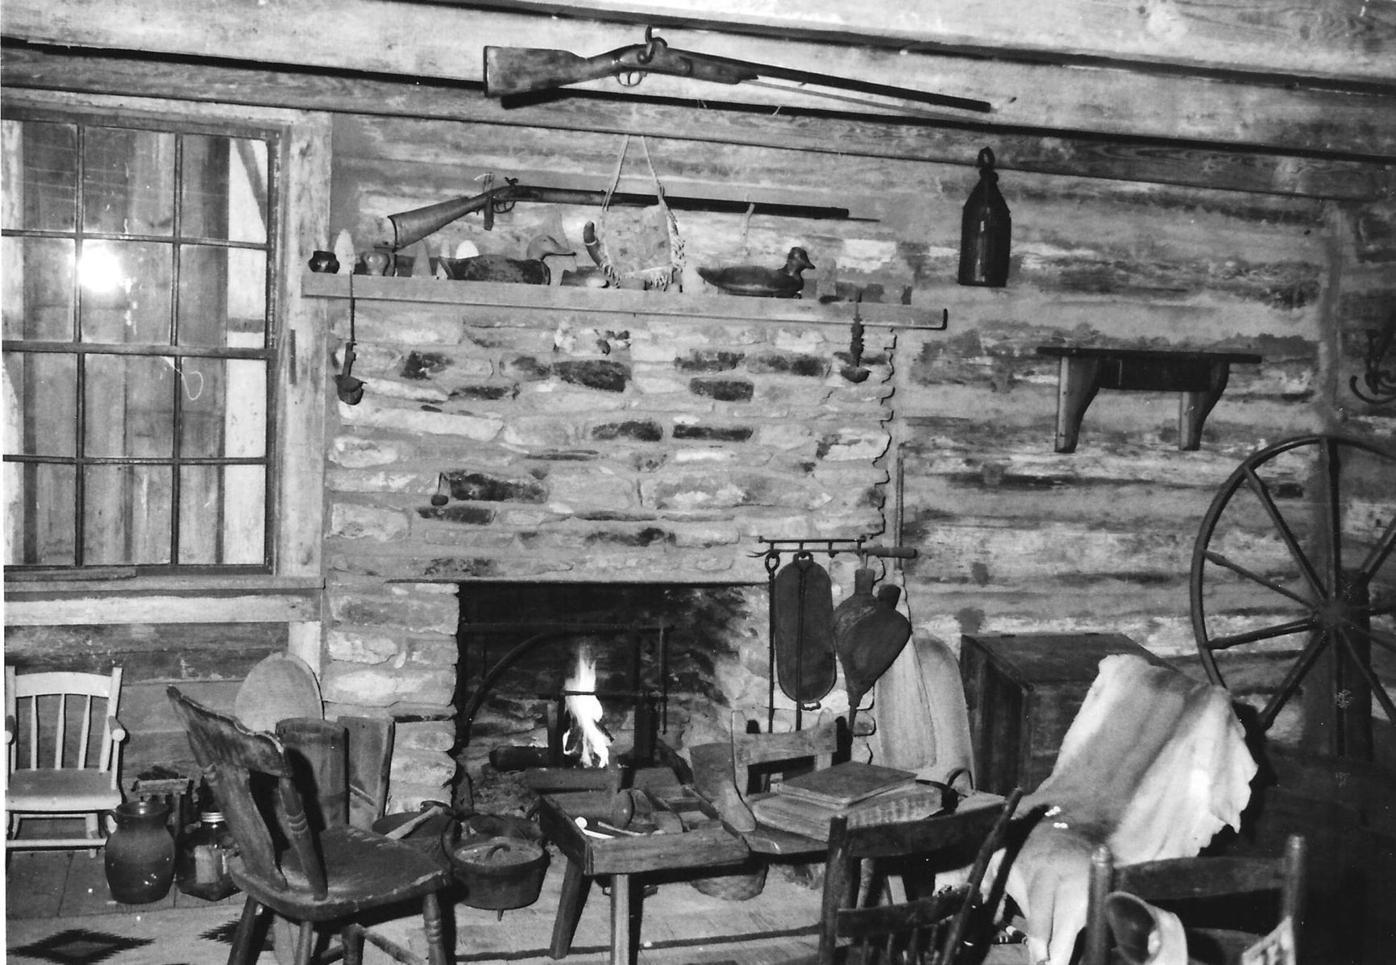 061219_MNS_Whitley_gun_002 guns on wall in John Whitley's cabin